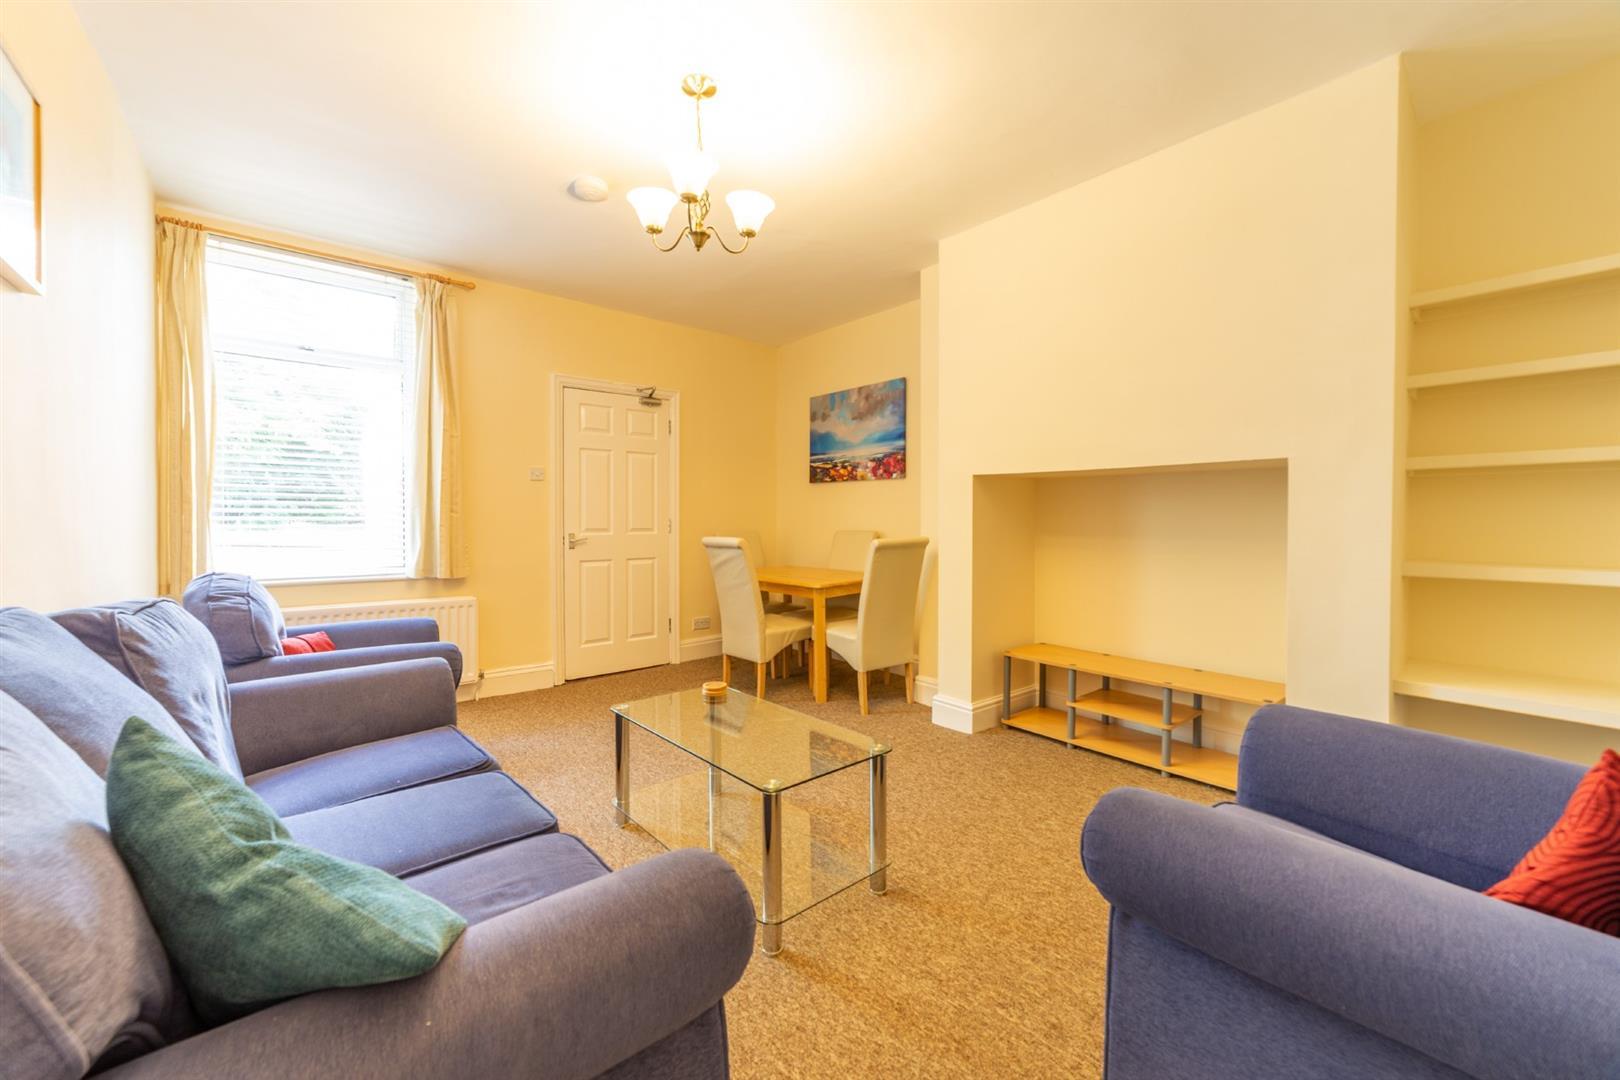 4 bed maisonette to rent in Newcastle Upon Tyne, NE3 1QD, NE3